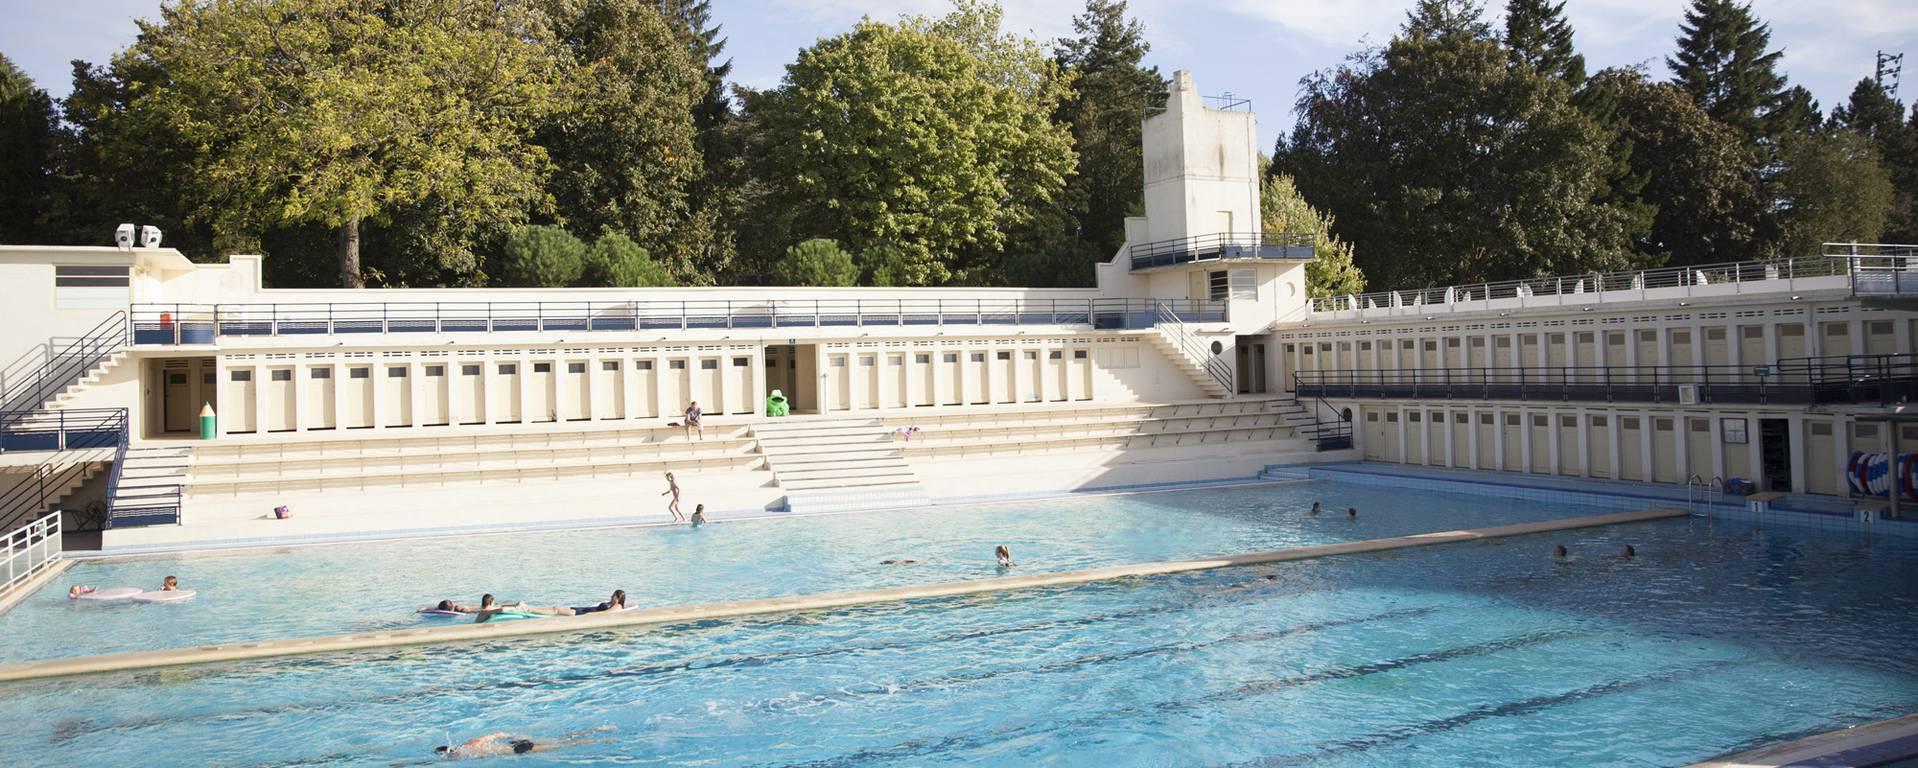 Le Stade-Parc et la piscine Art déco - Bruay-La-Buissière | Office ...